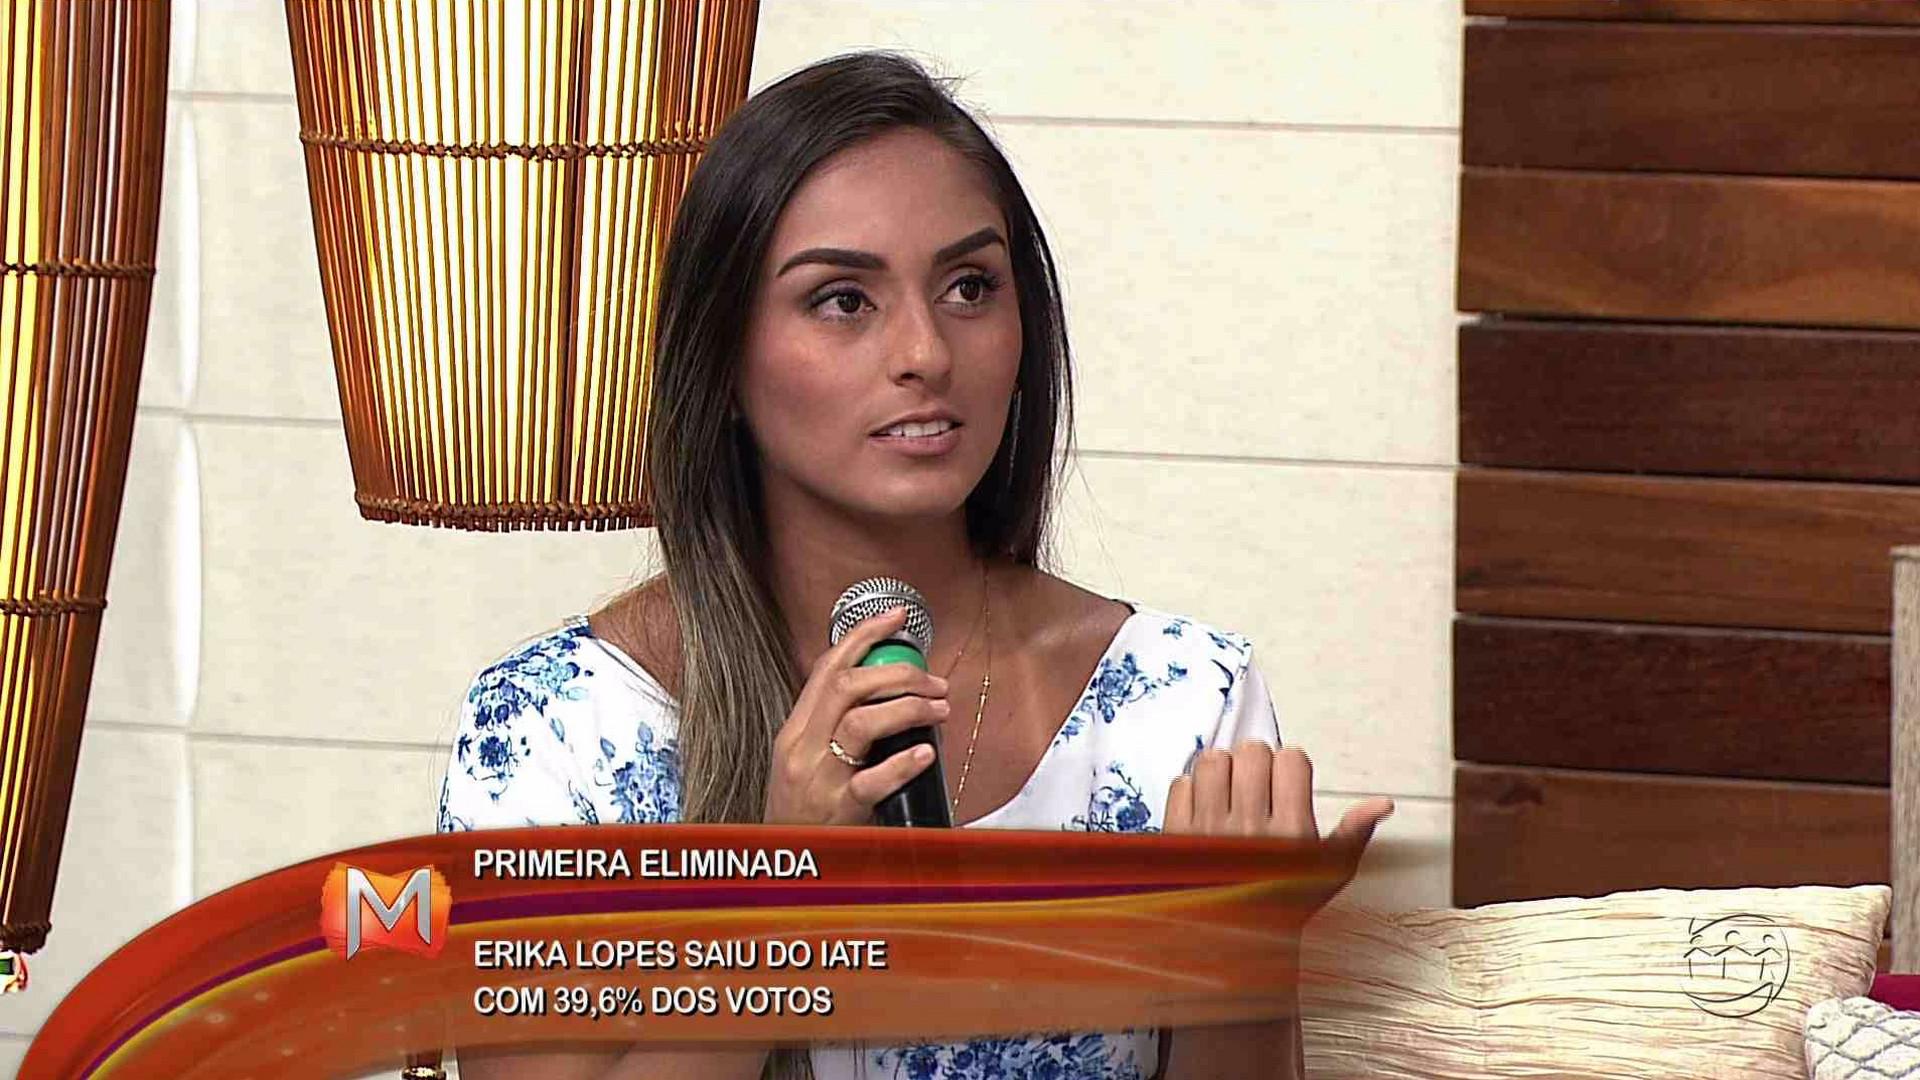 ENTREVISTA: ERIKA LOPES É A PRIMEIRA ELIMINADA DO PELADÃO A BORDO - Magazine 23/11/17